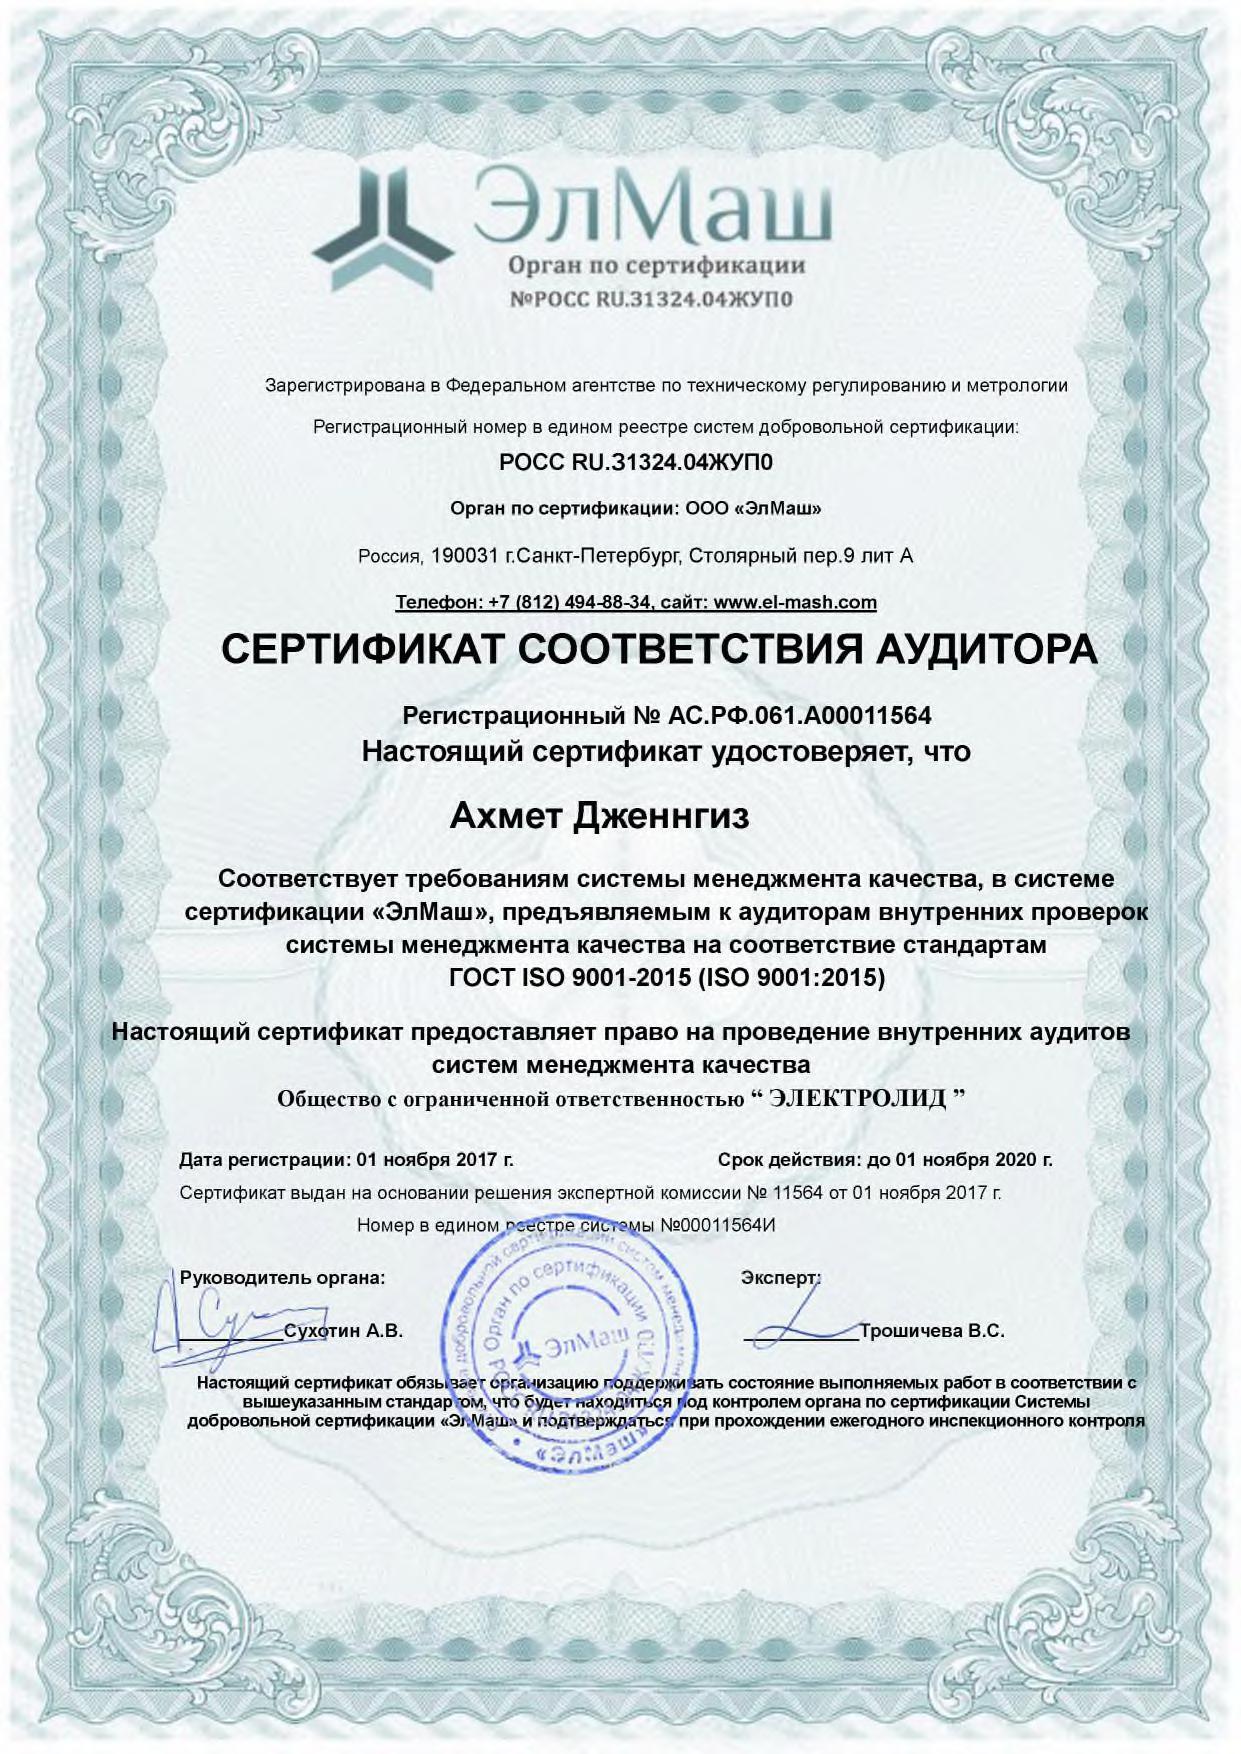 Сертификат соответствия аудитора Ахмет Дженгиз аудитор внутренних проверок